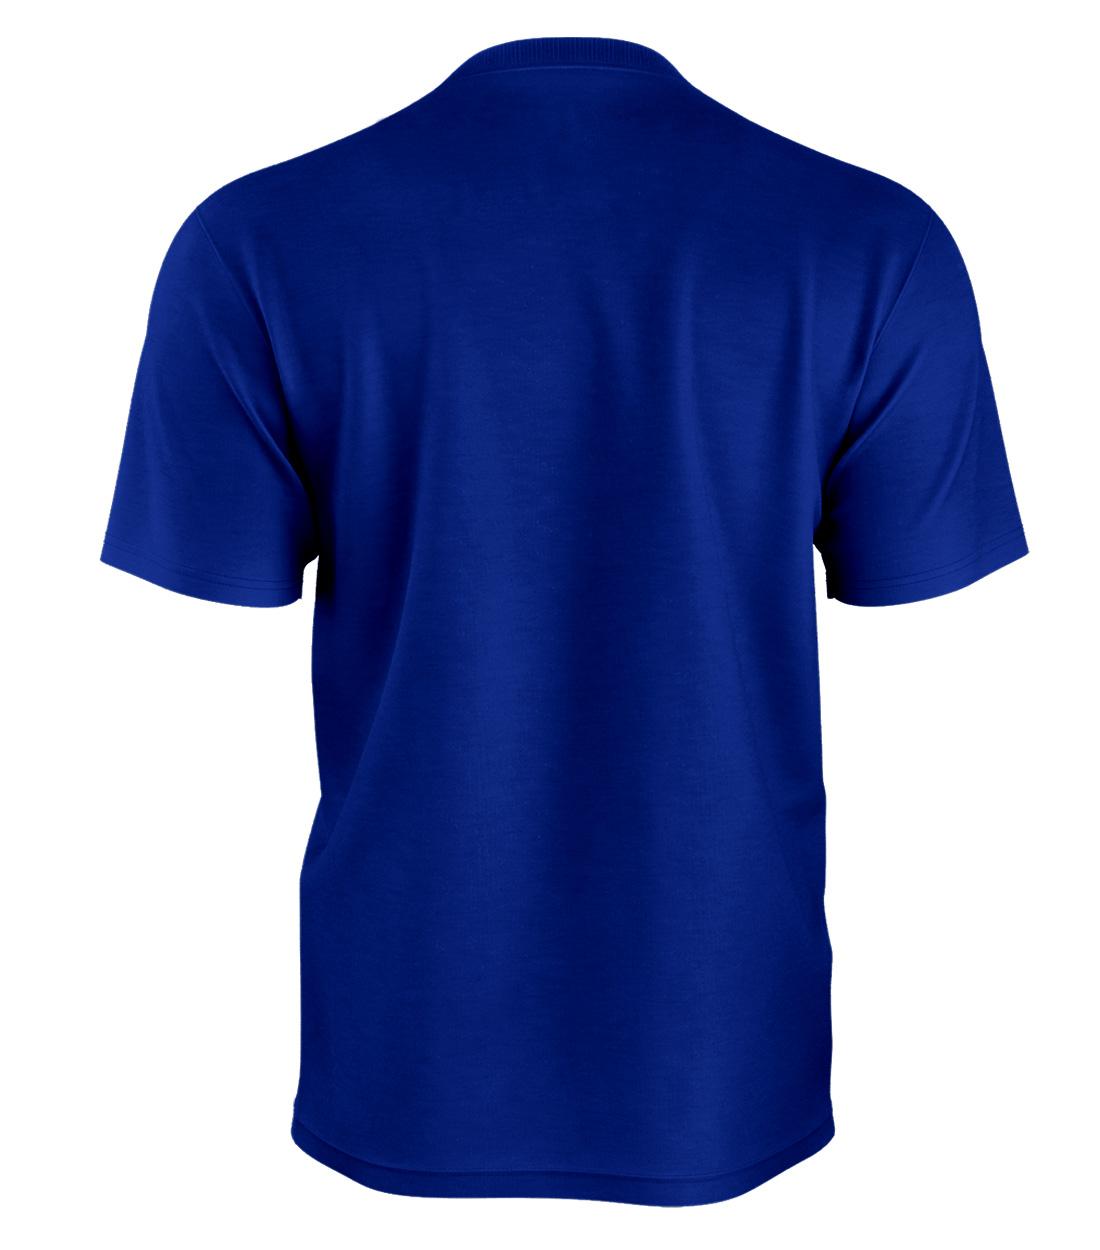 New York Giants Tshirt (TSH-BLU-NP-216-NFL-NYG-GIANTS)